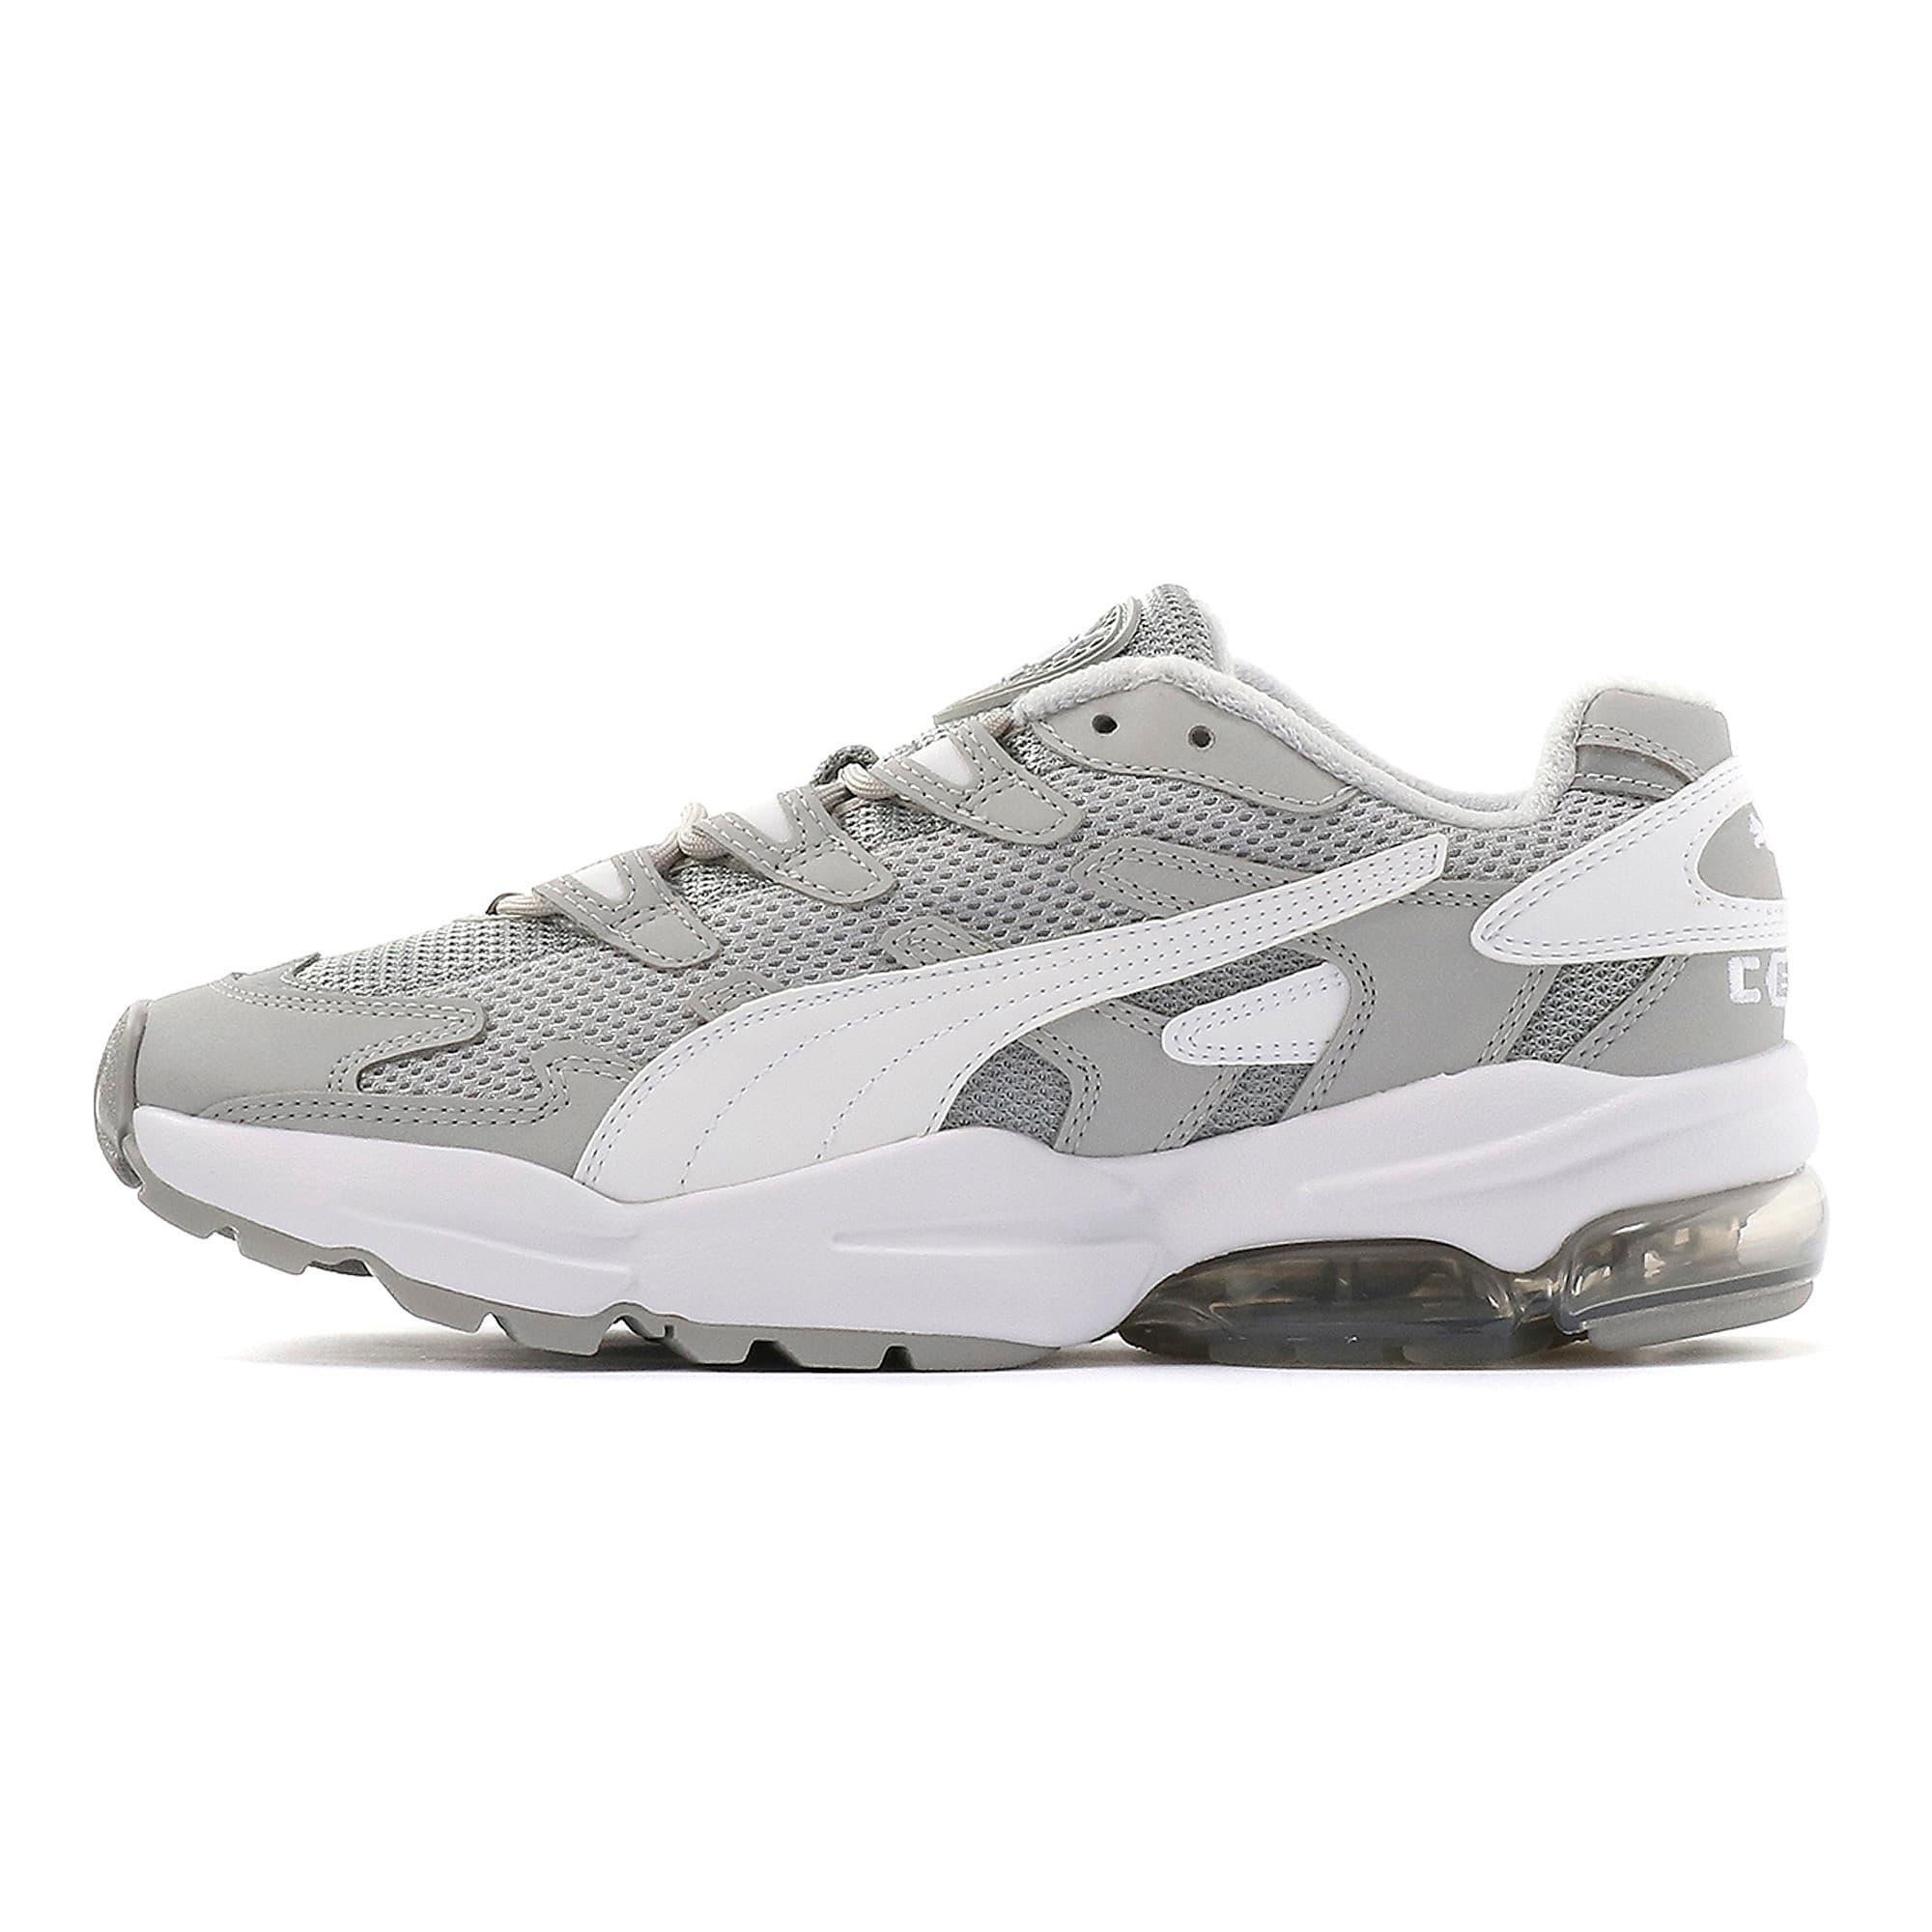 Thumbnail 1 of CELL Alien OG Sneakers, High Rise-Puma White, medium